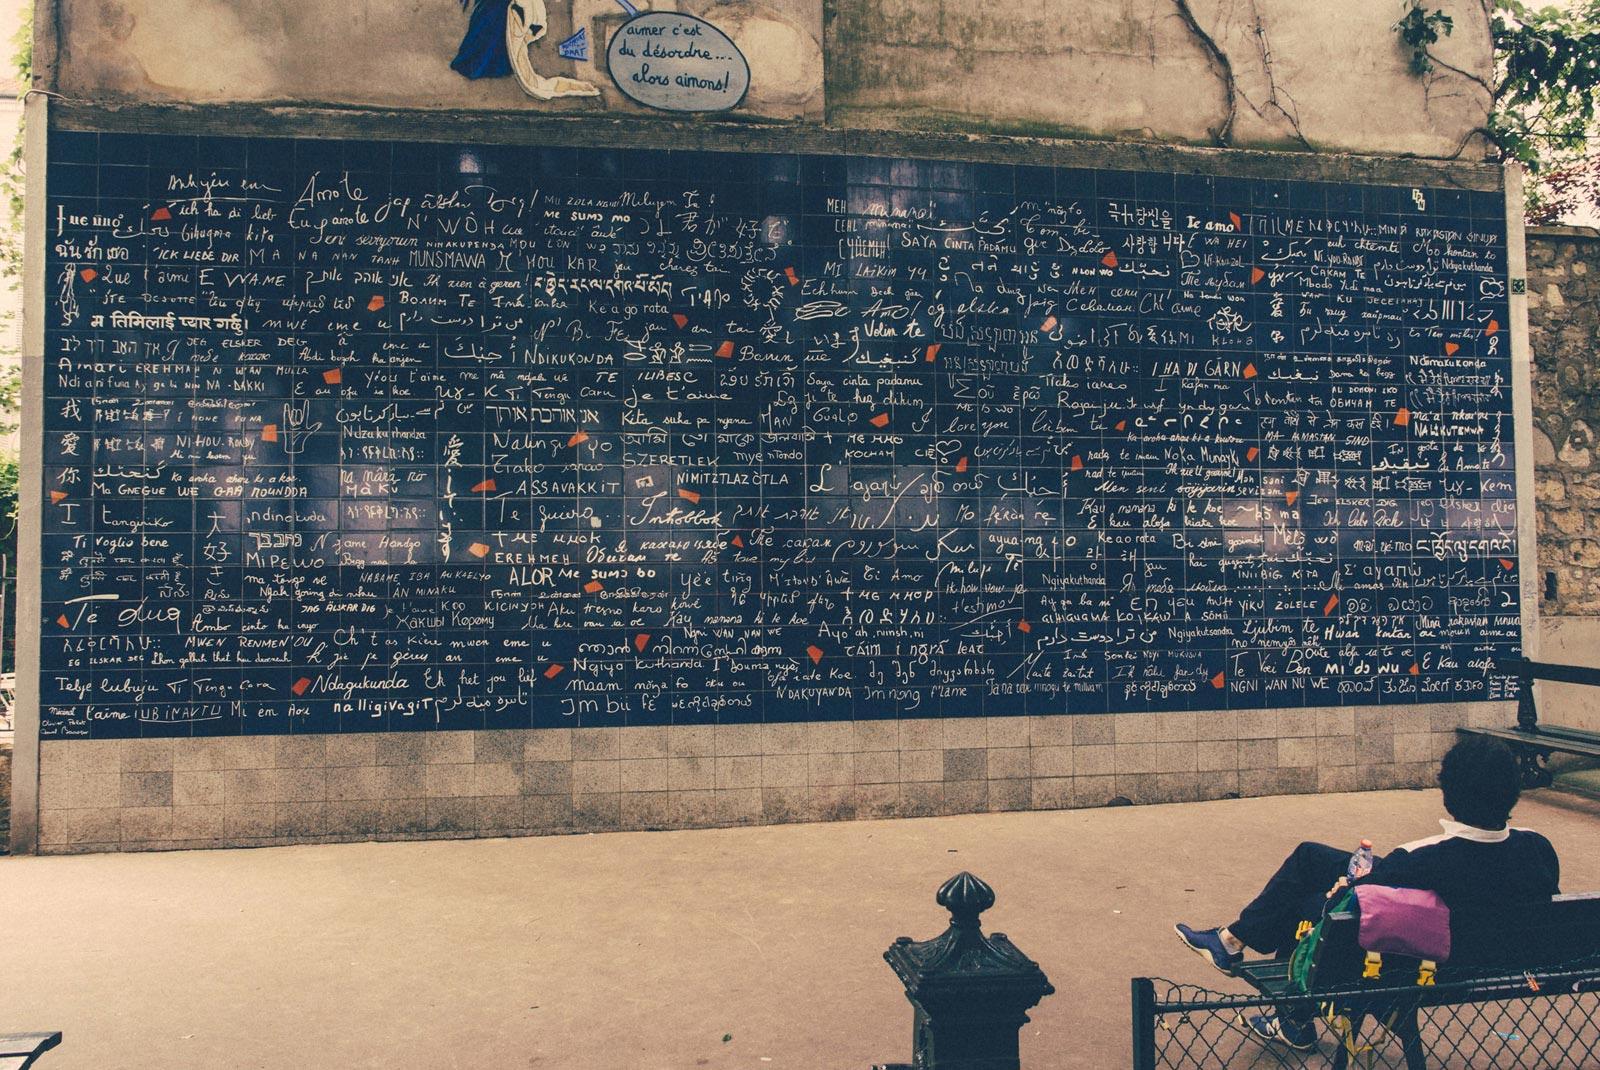 Le Mur des je t'aime. Paris. France